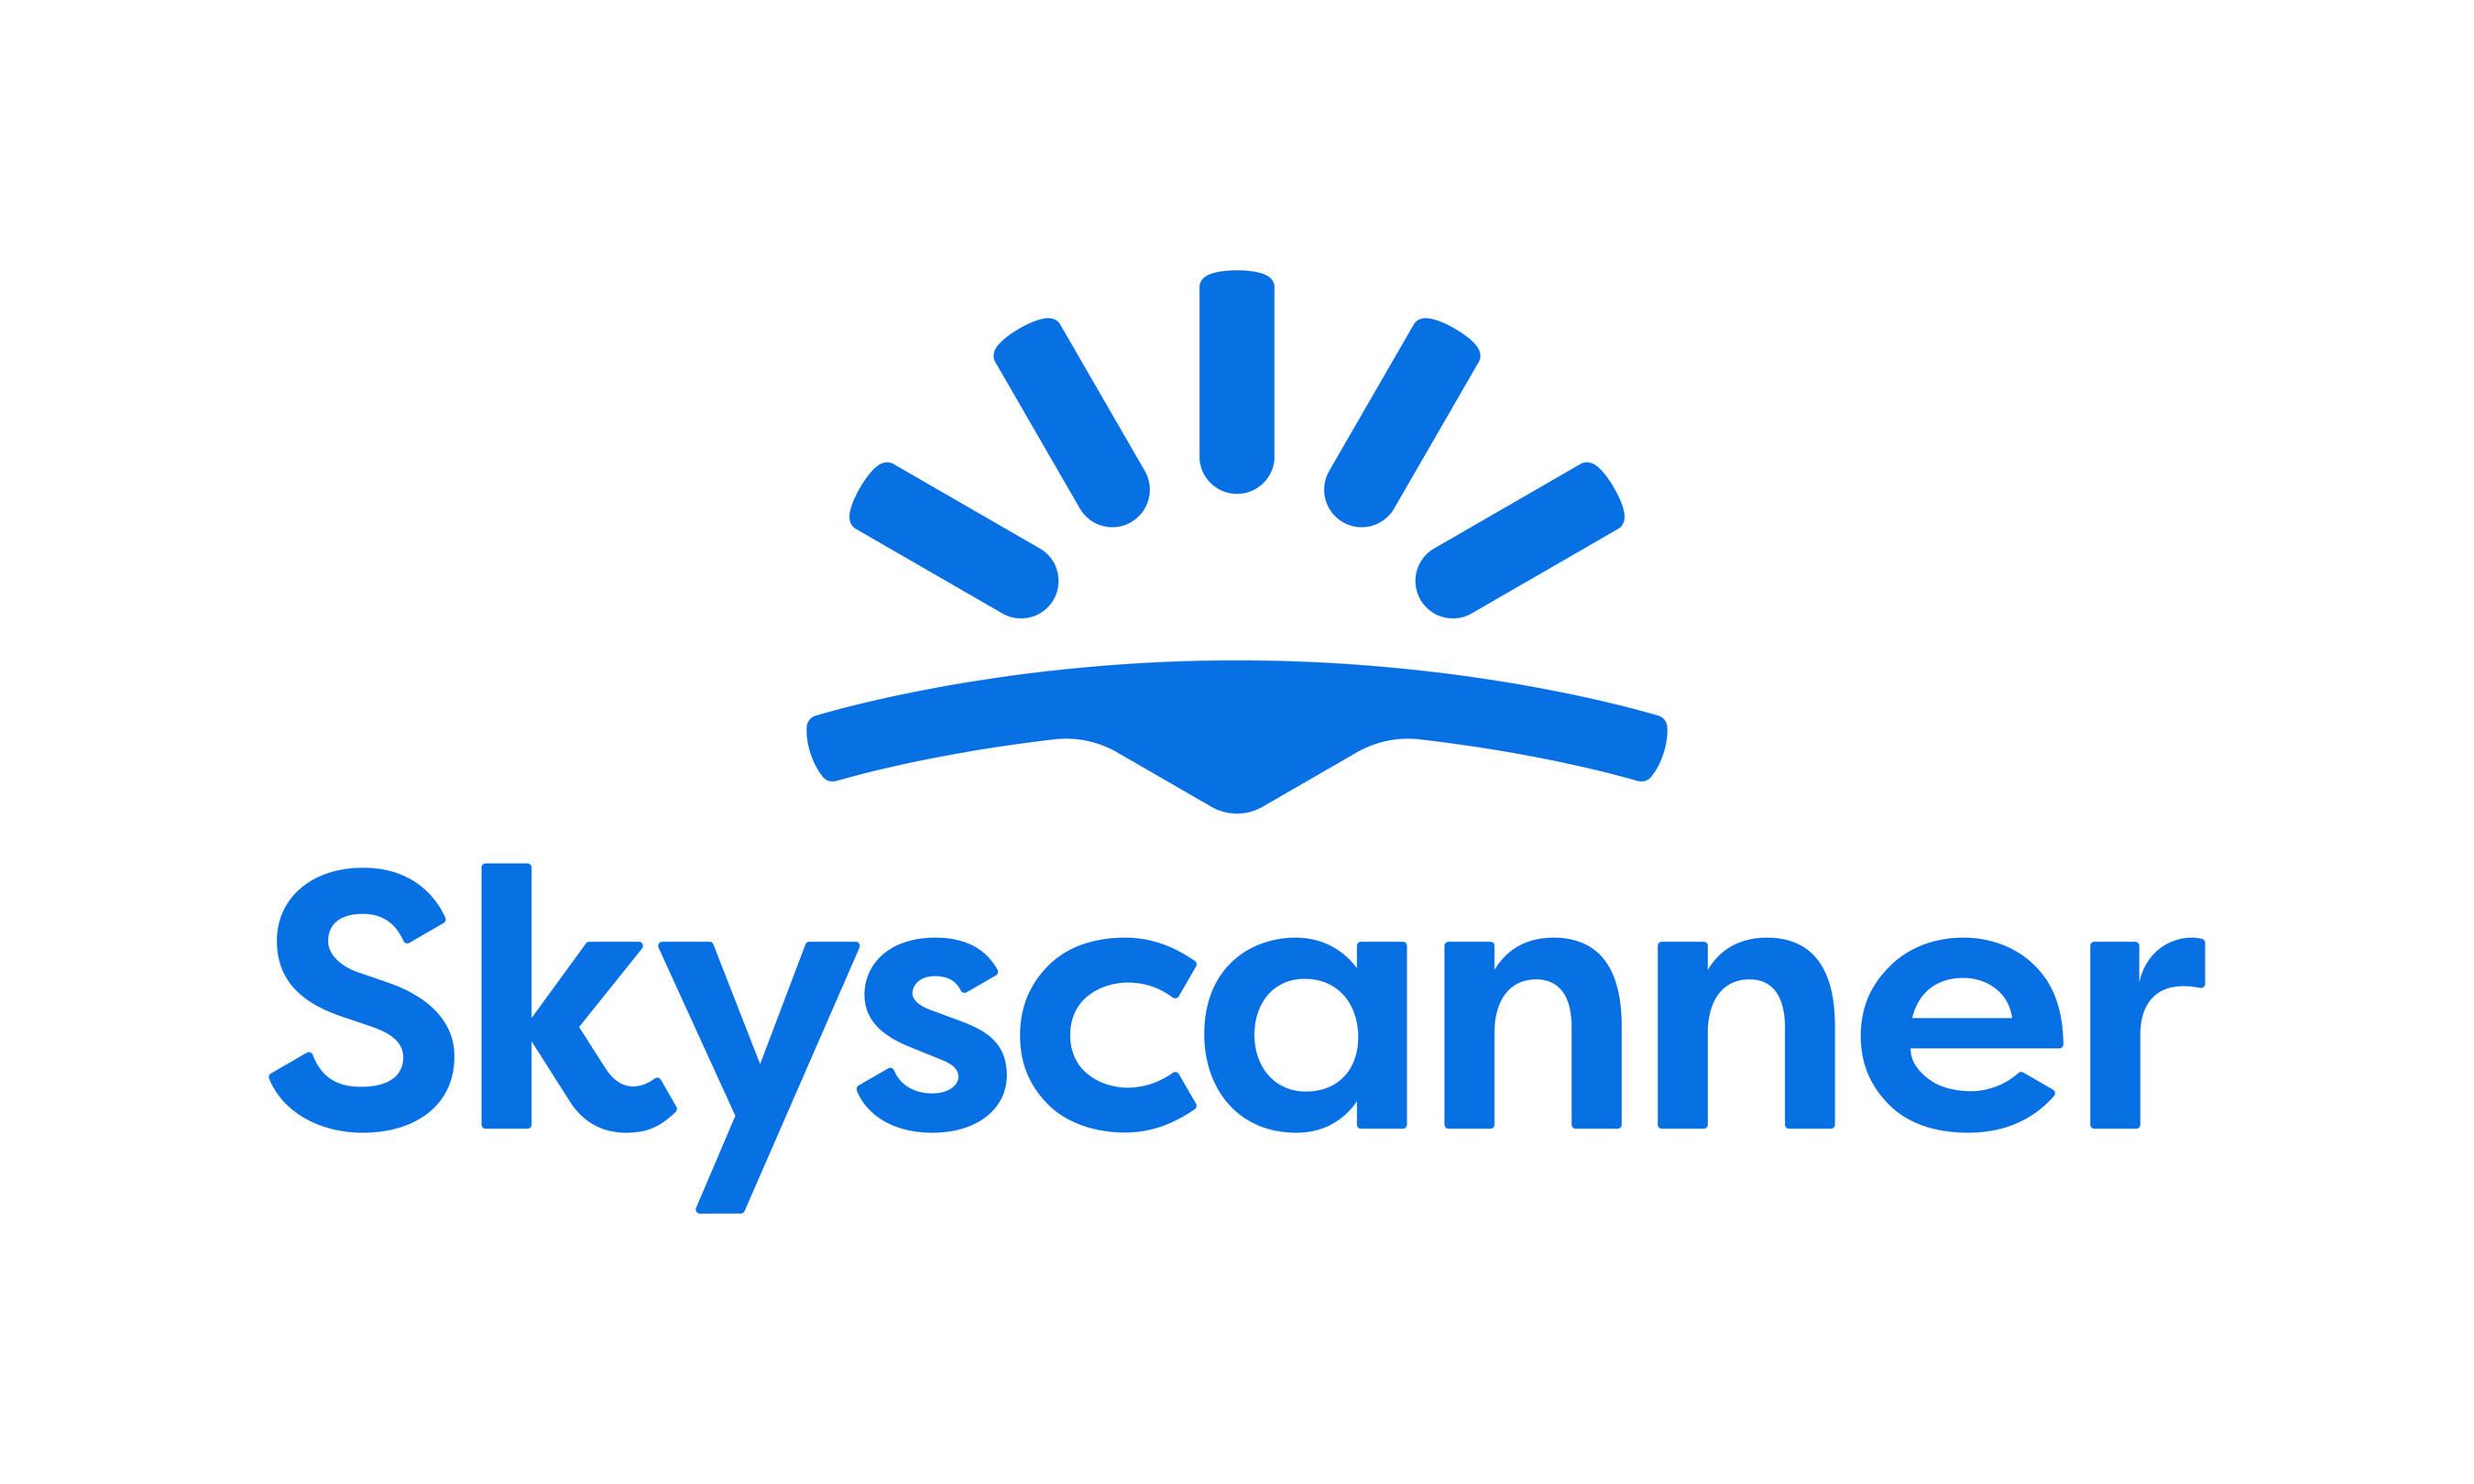 skyscanner LOGO ile ilgili görsel sonucu